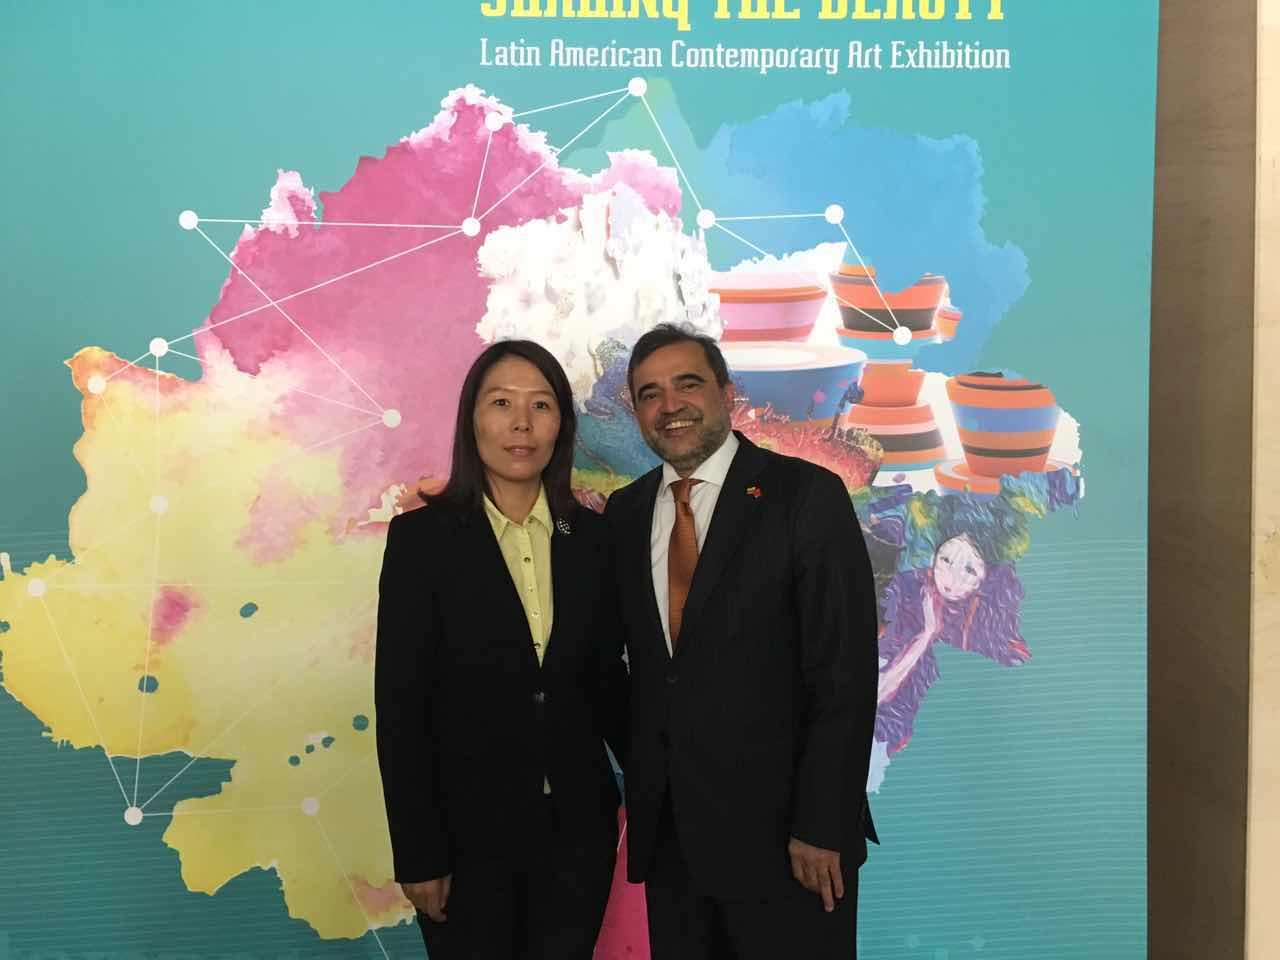 哥伦比亚驻华大使鲁埃达与组委会秘书长崔江红